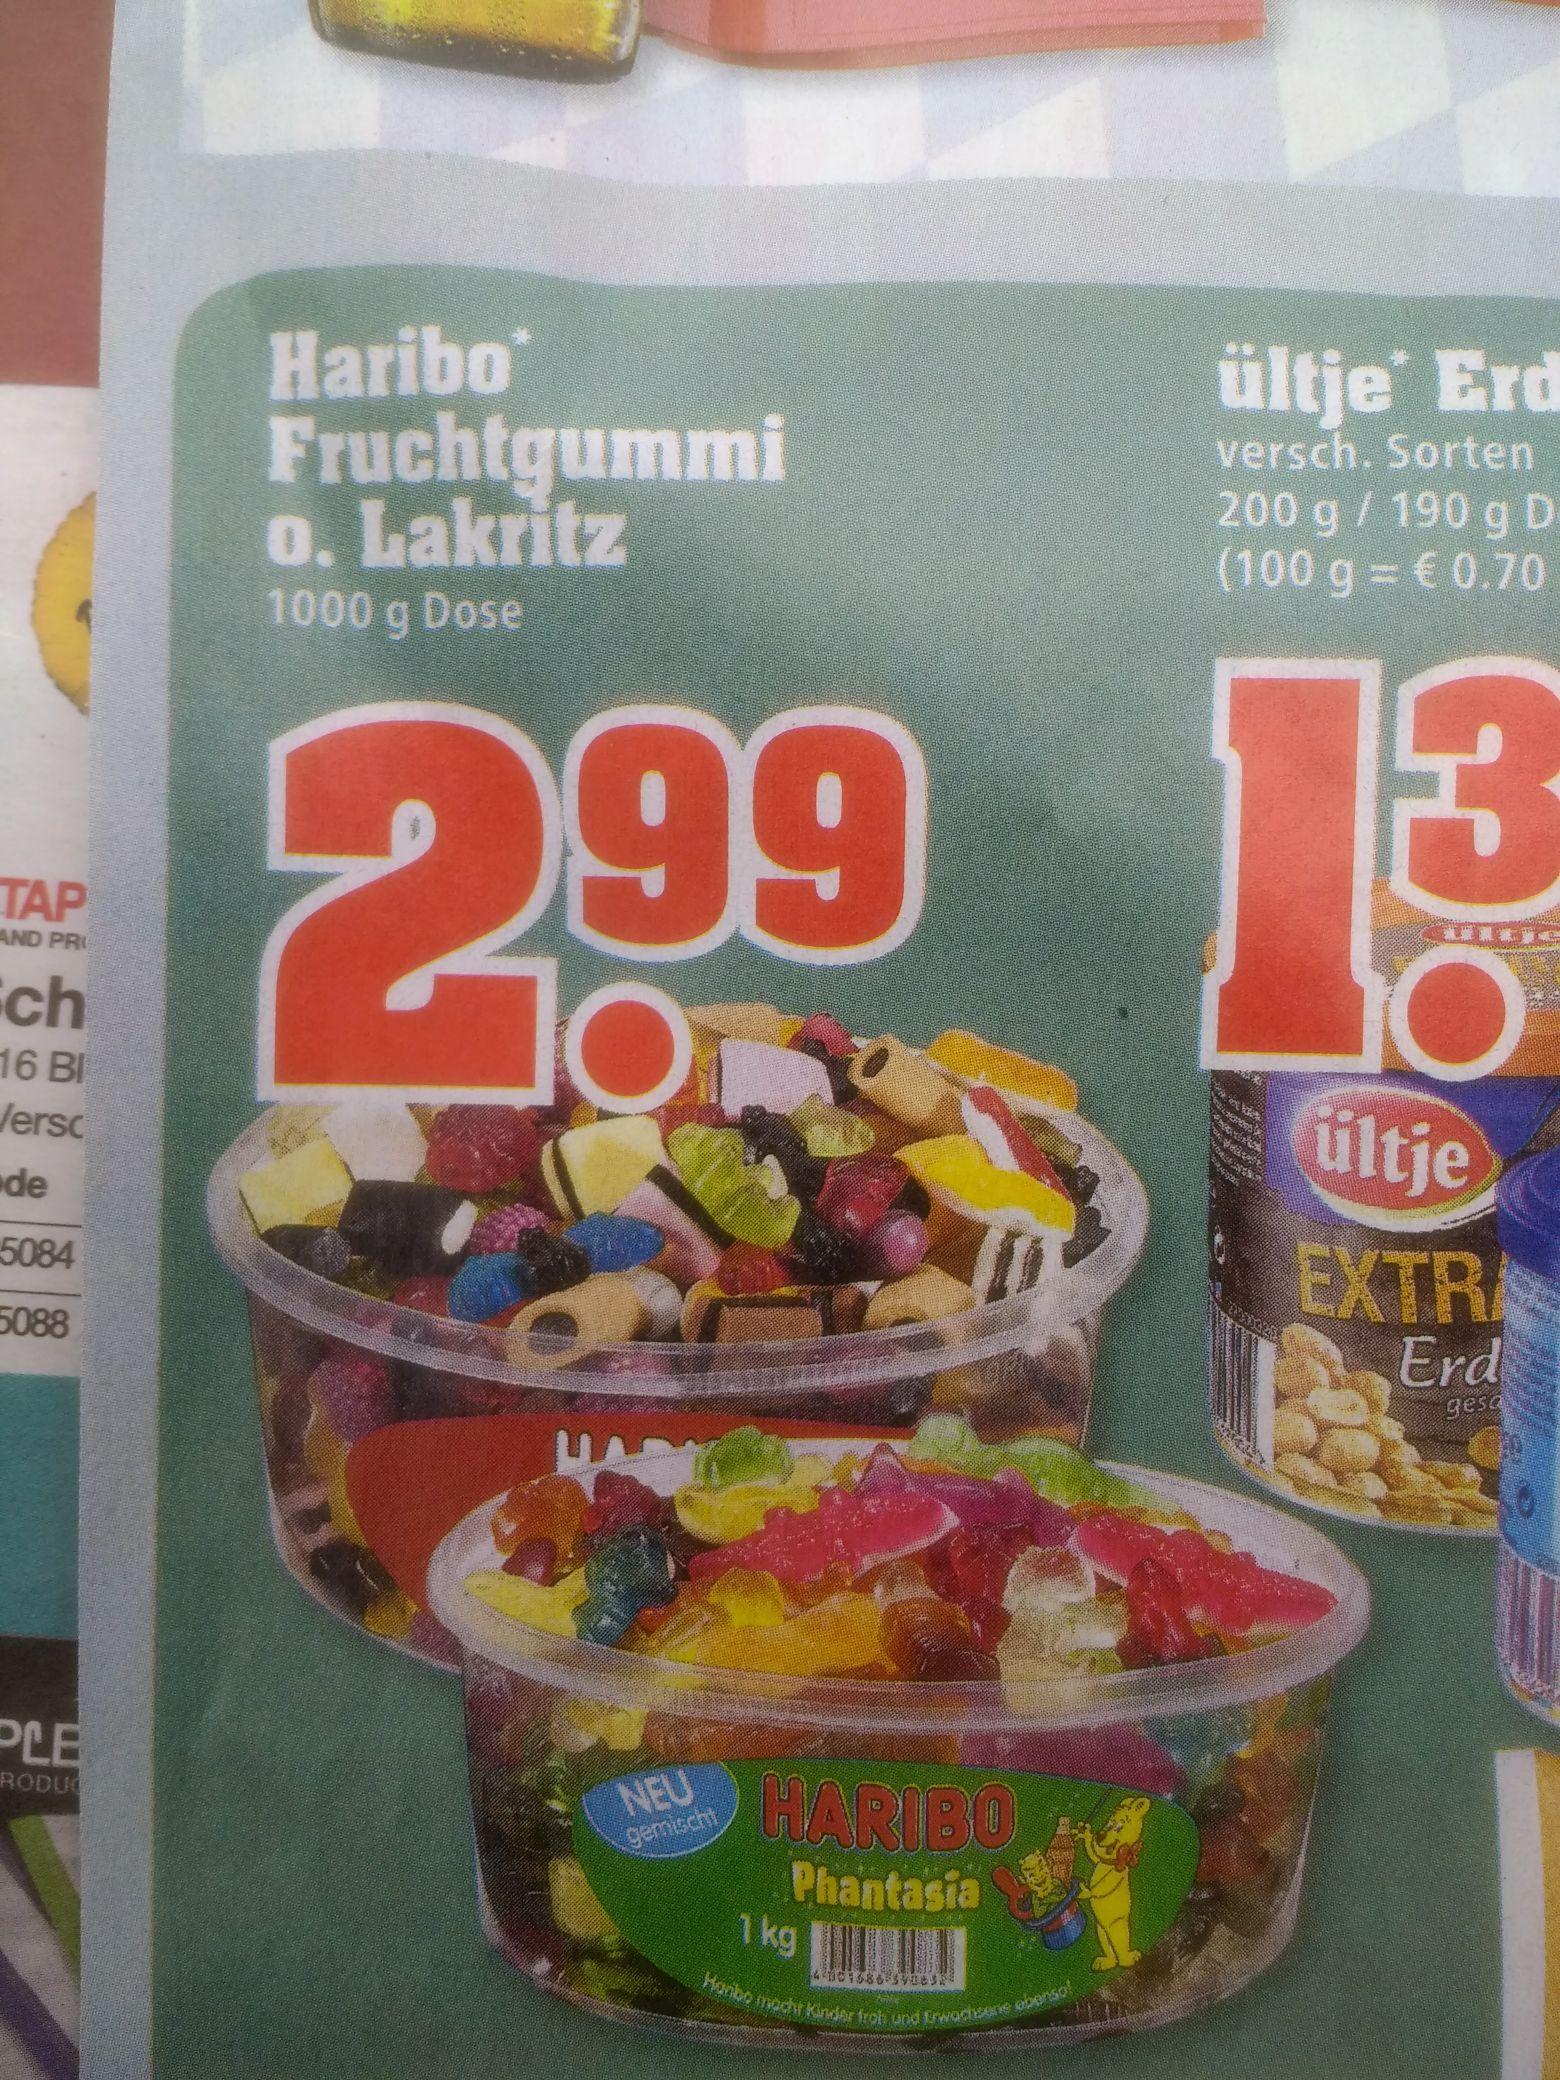 Trinkgut: Haribo Fruchtgummi oder Lakritz: 1KG für 2,99€